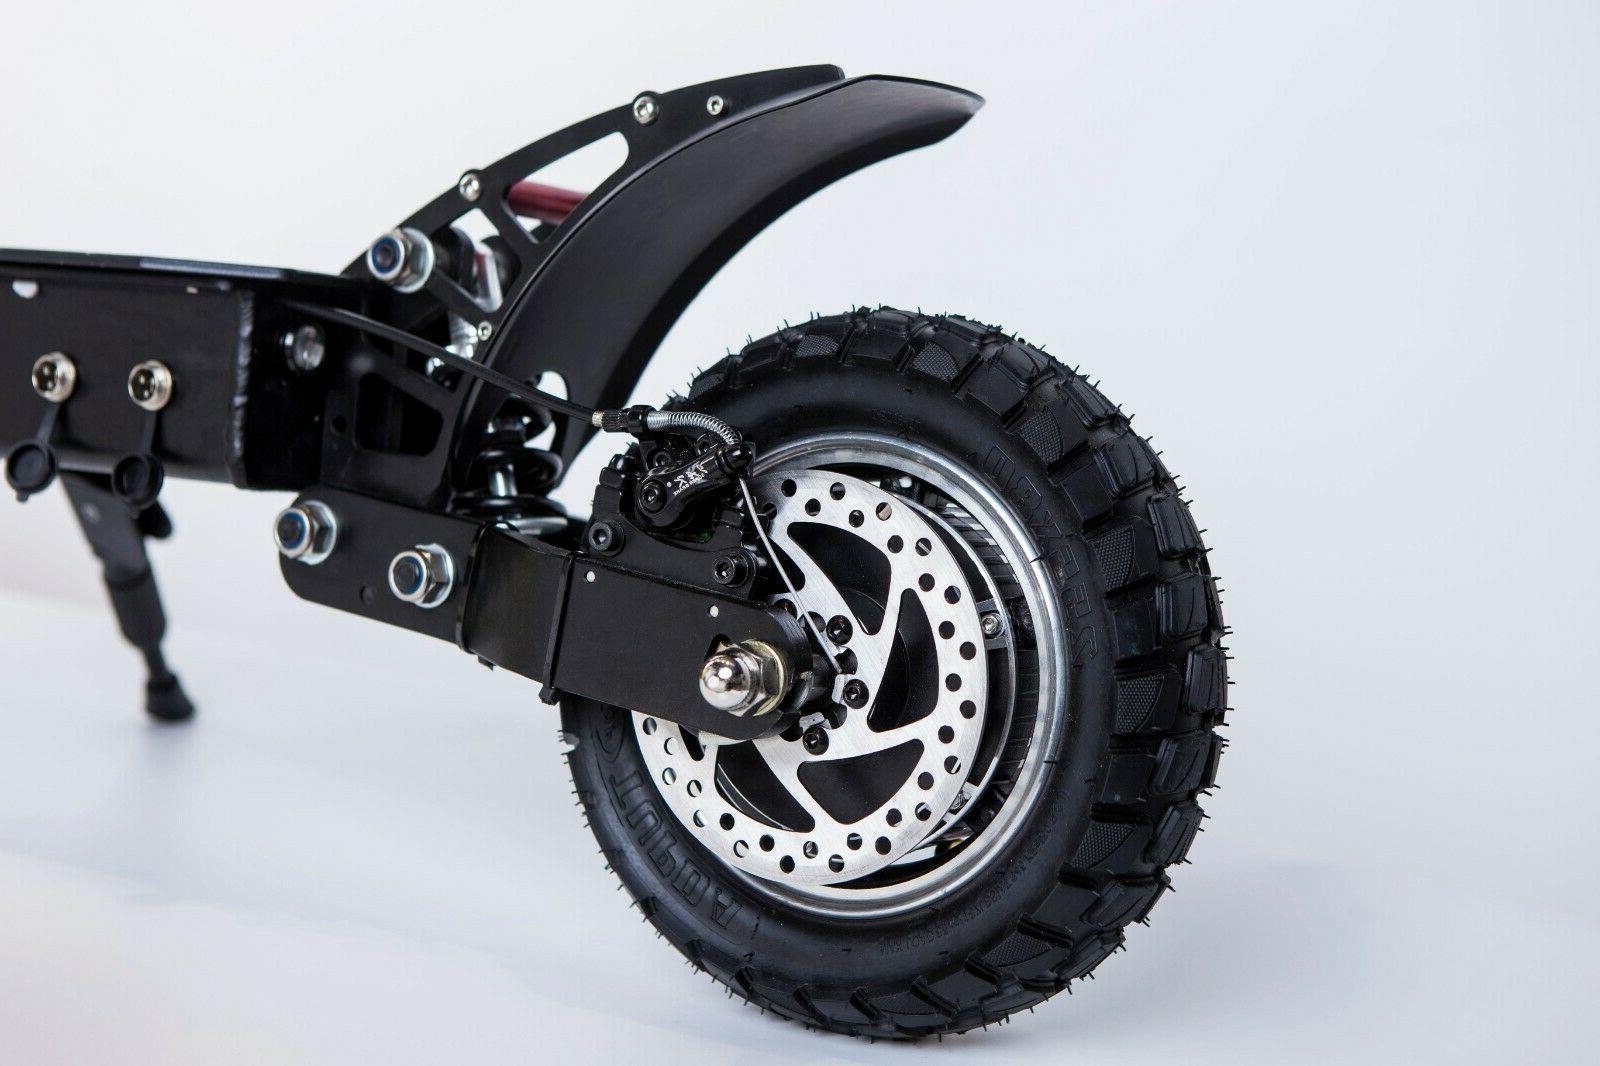 NANROBOT Electric Scooter 2000W Power